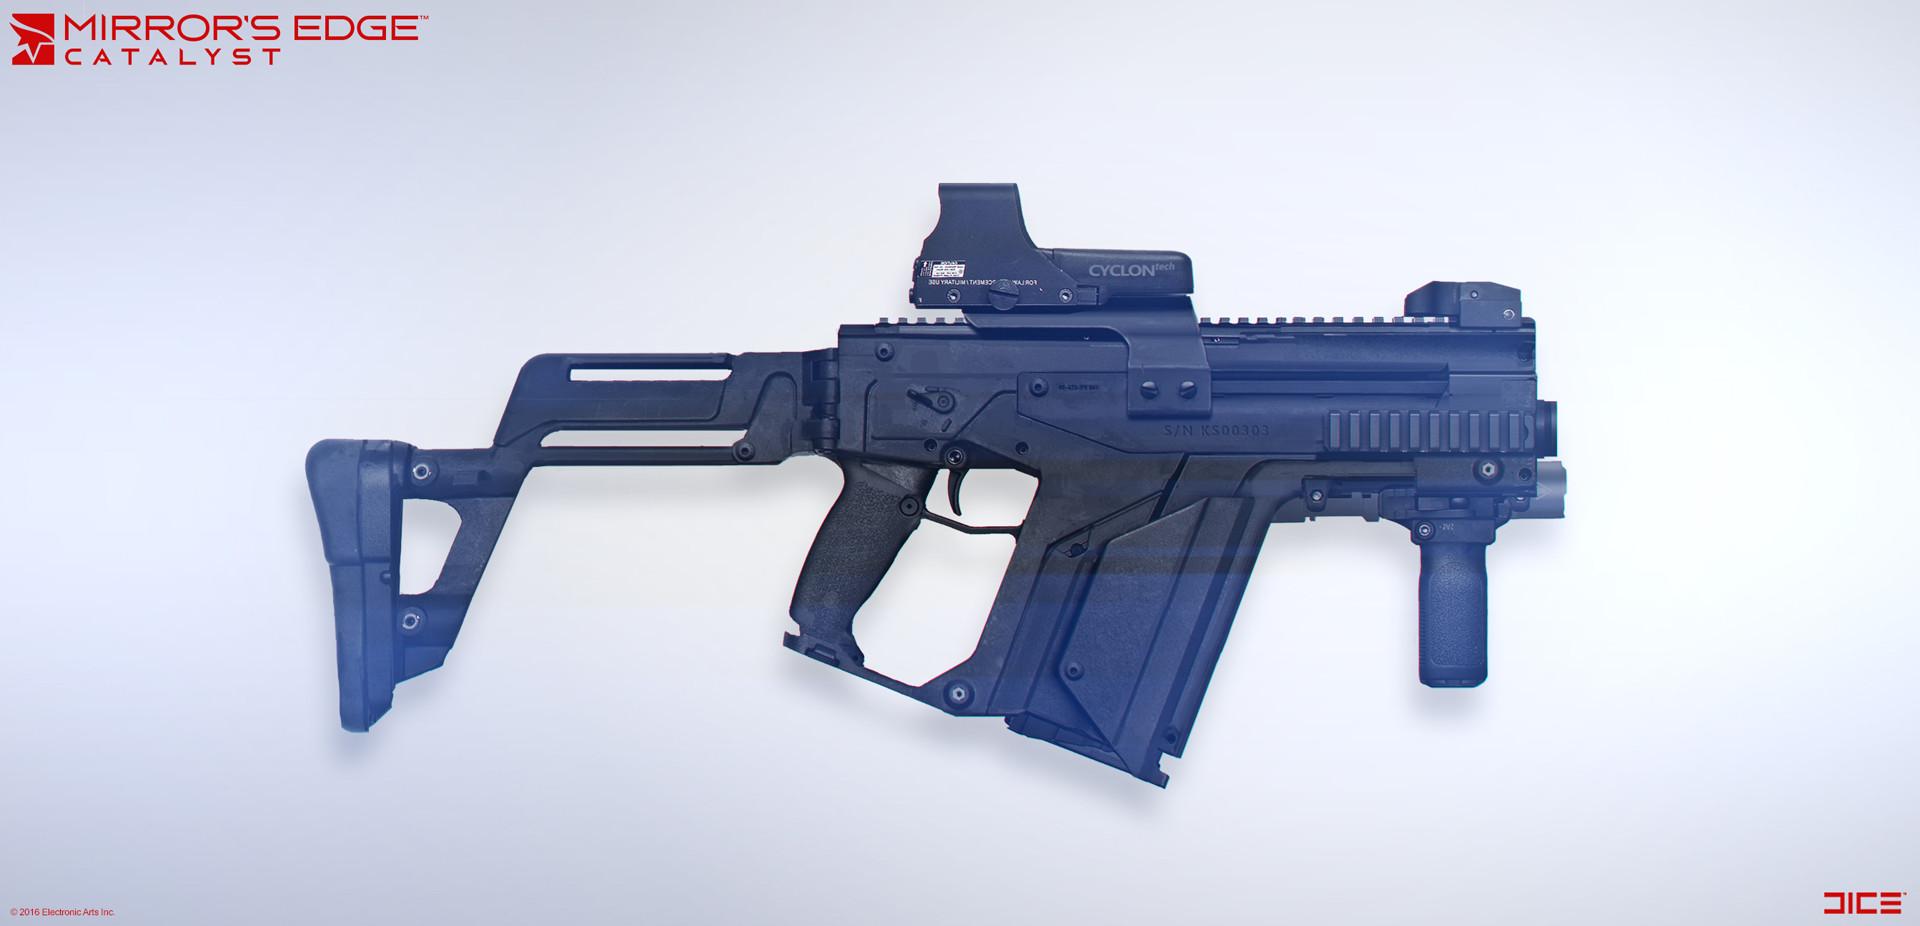 Per haagensen ksec weapons concept 02